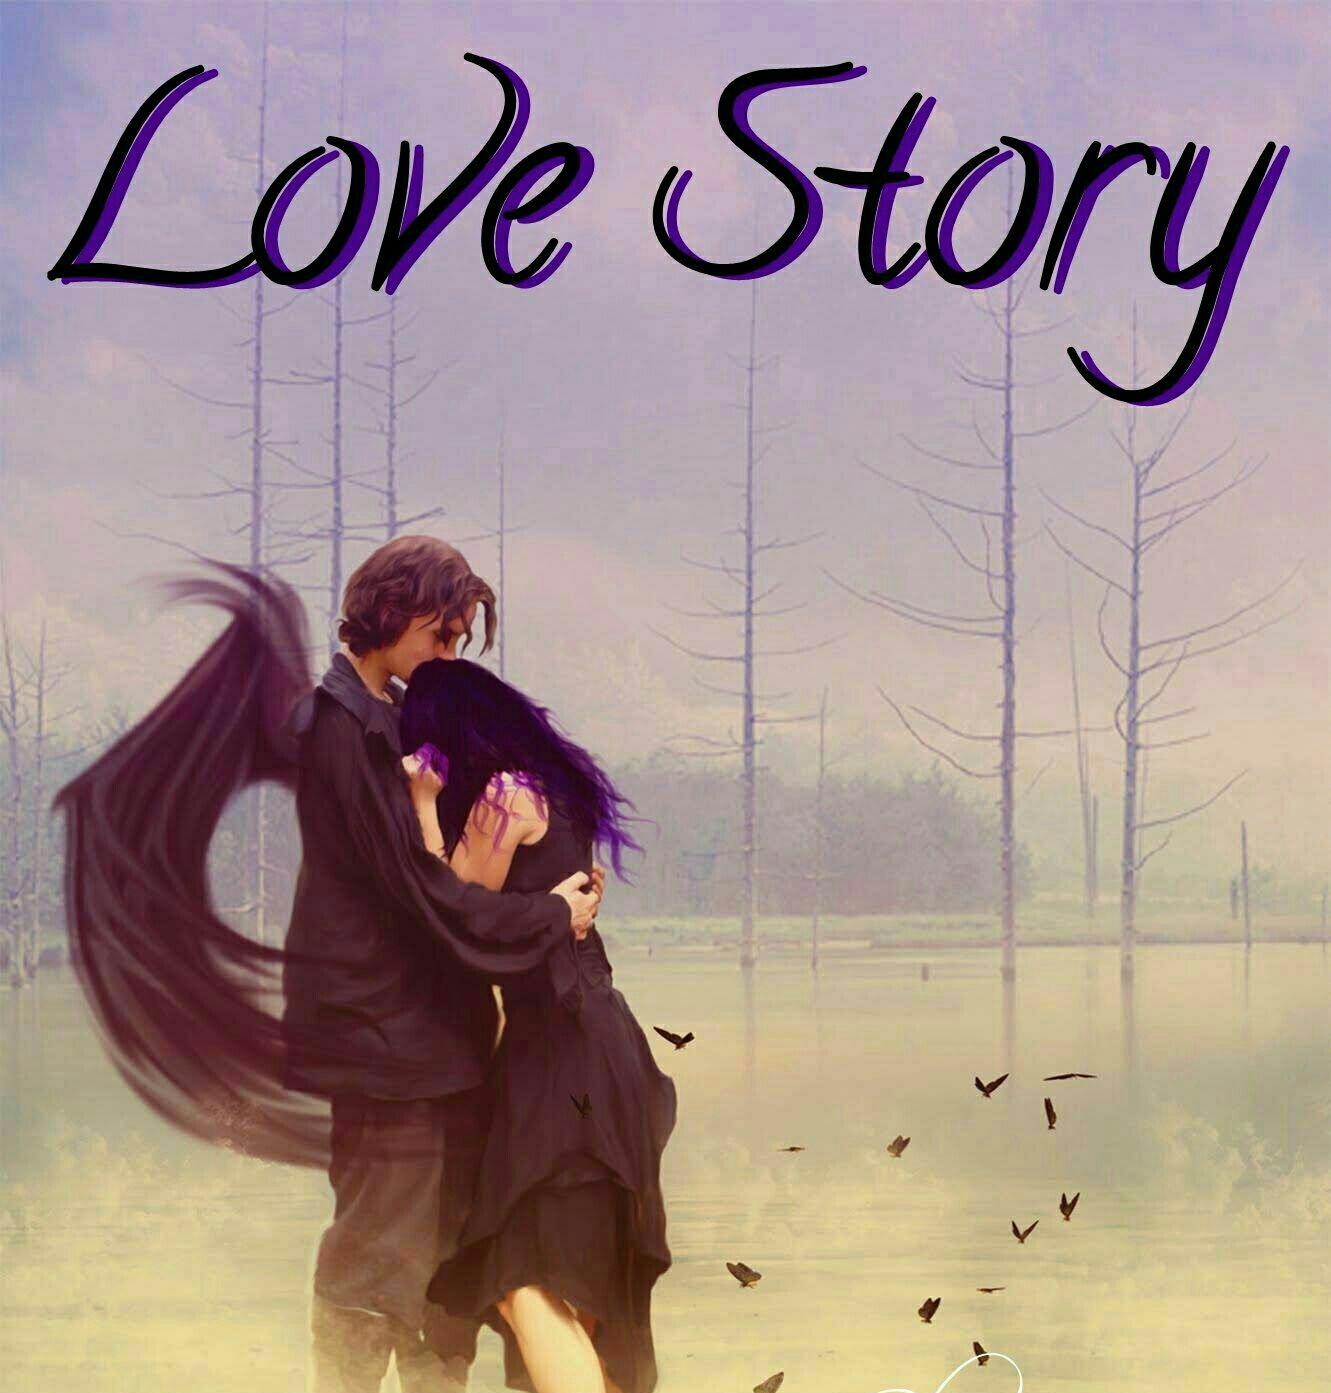 Love Story - तुम सिर्फ मेरी हो